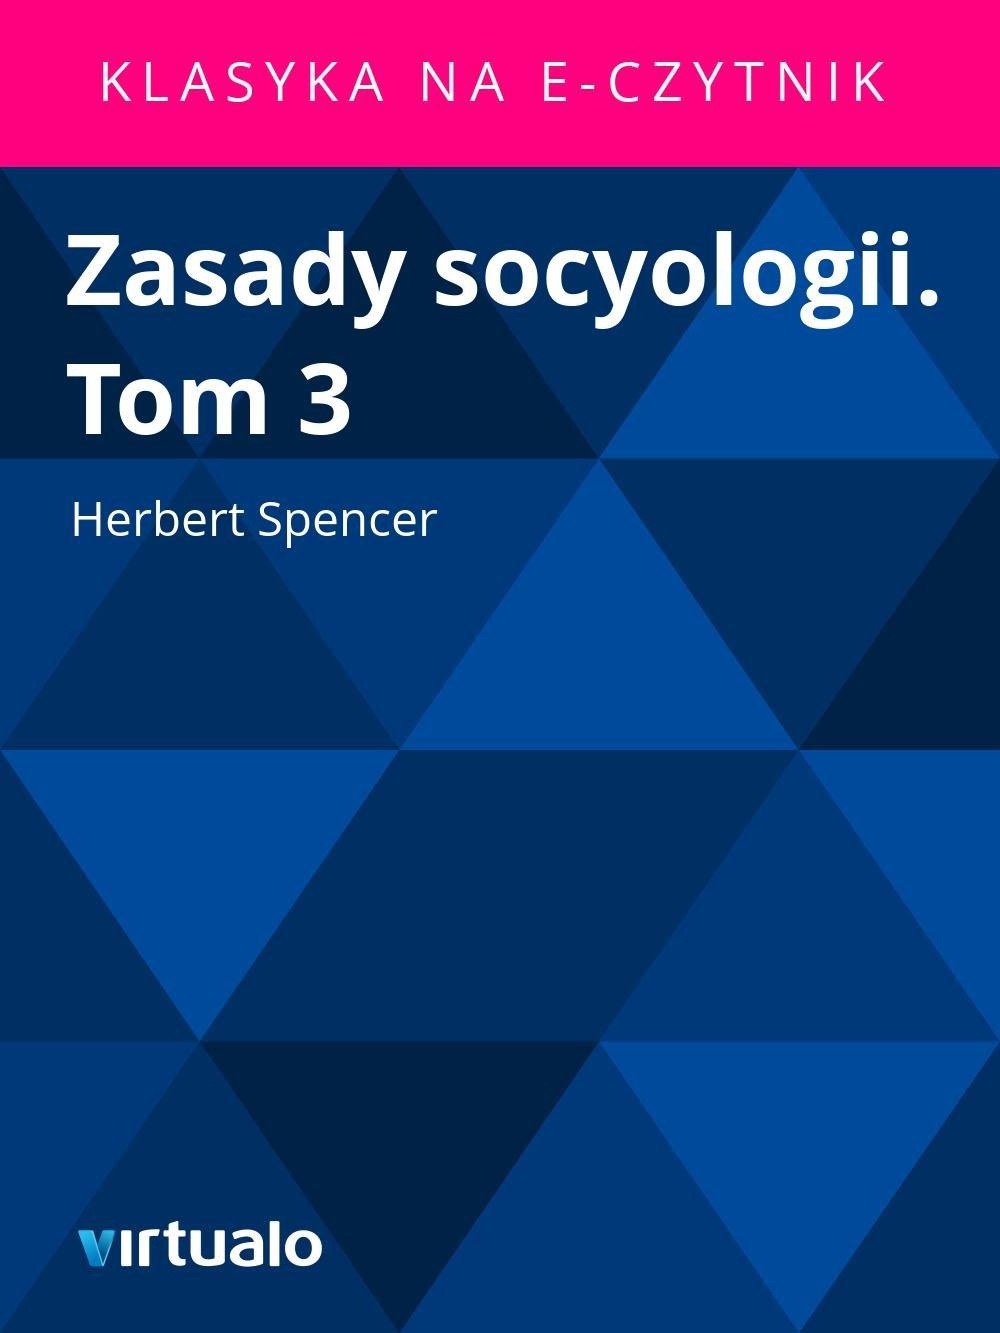 Zasady socyologii. Tom 3 - Ebook (Książka EPUB) do pobrania w formacie EPUB